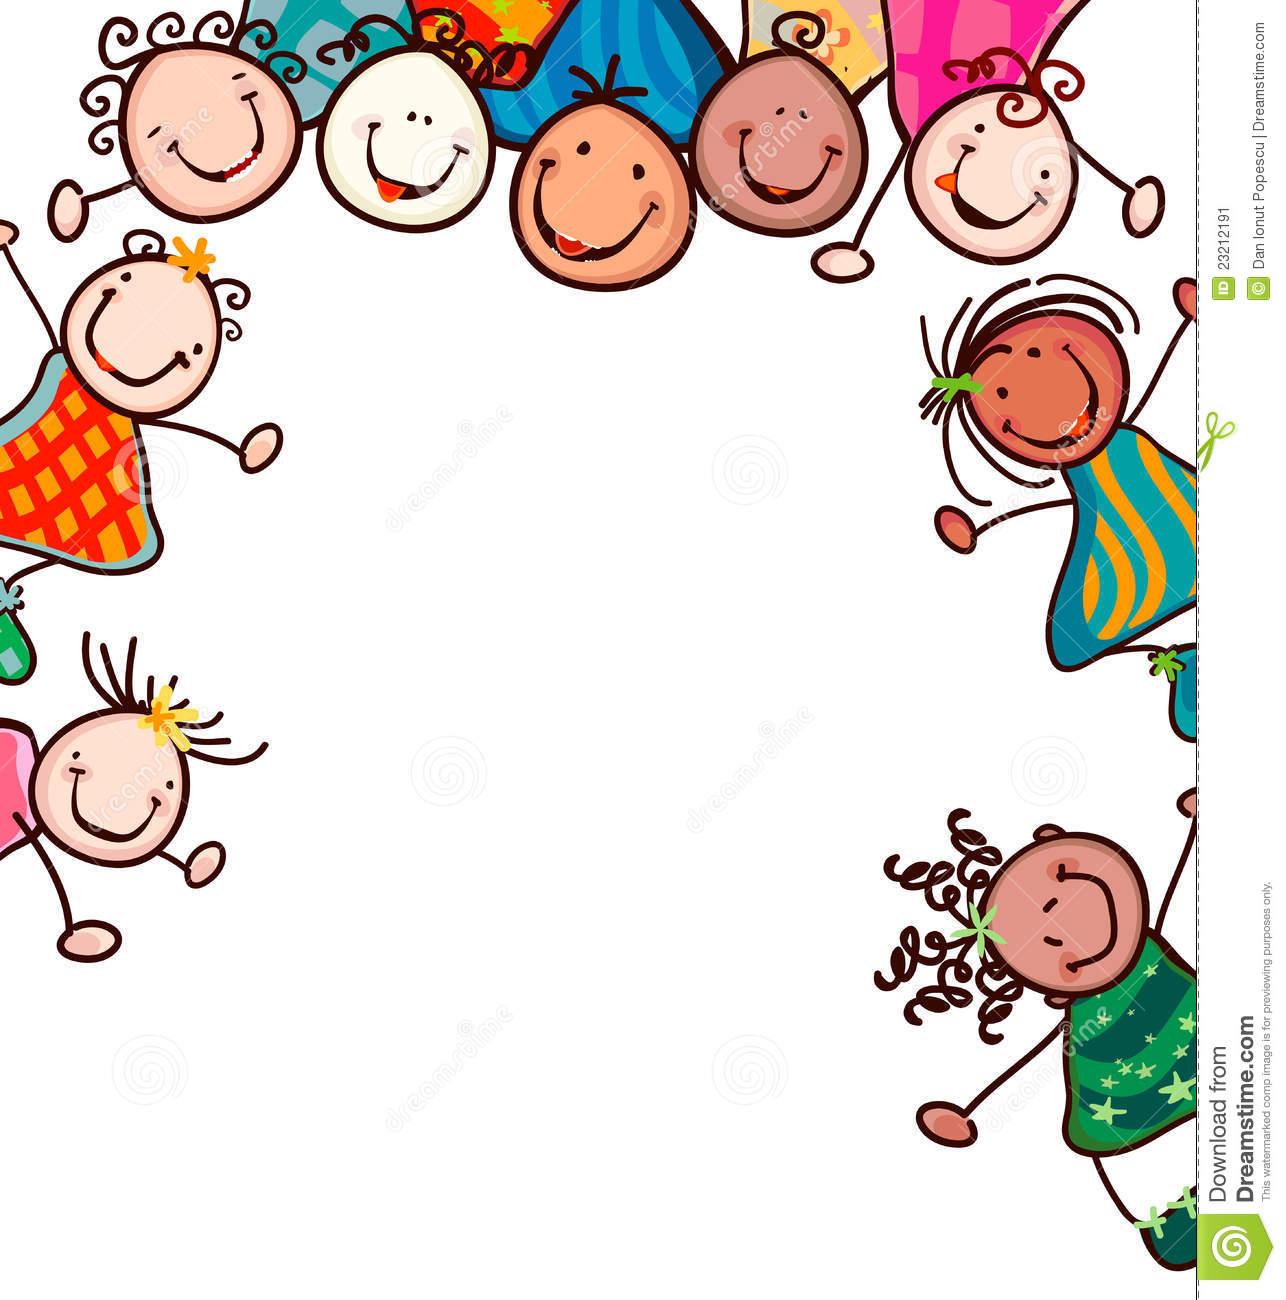 1286x1300 Kids Smiling Stock Image